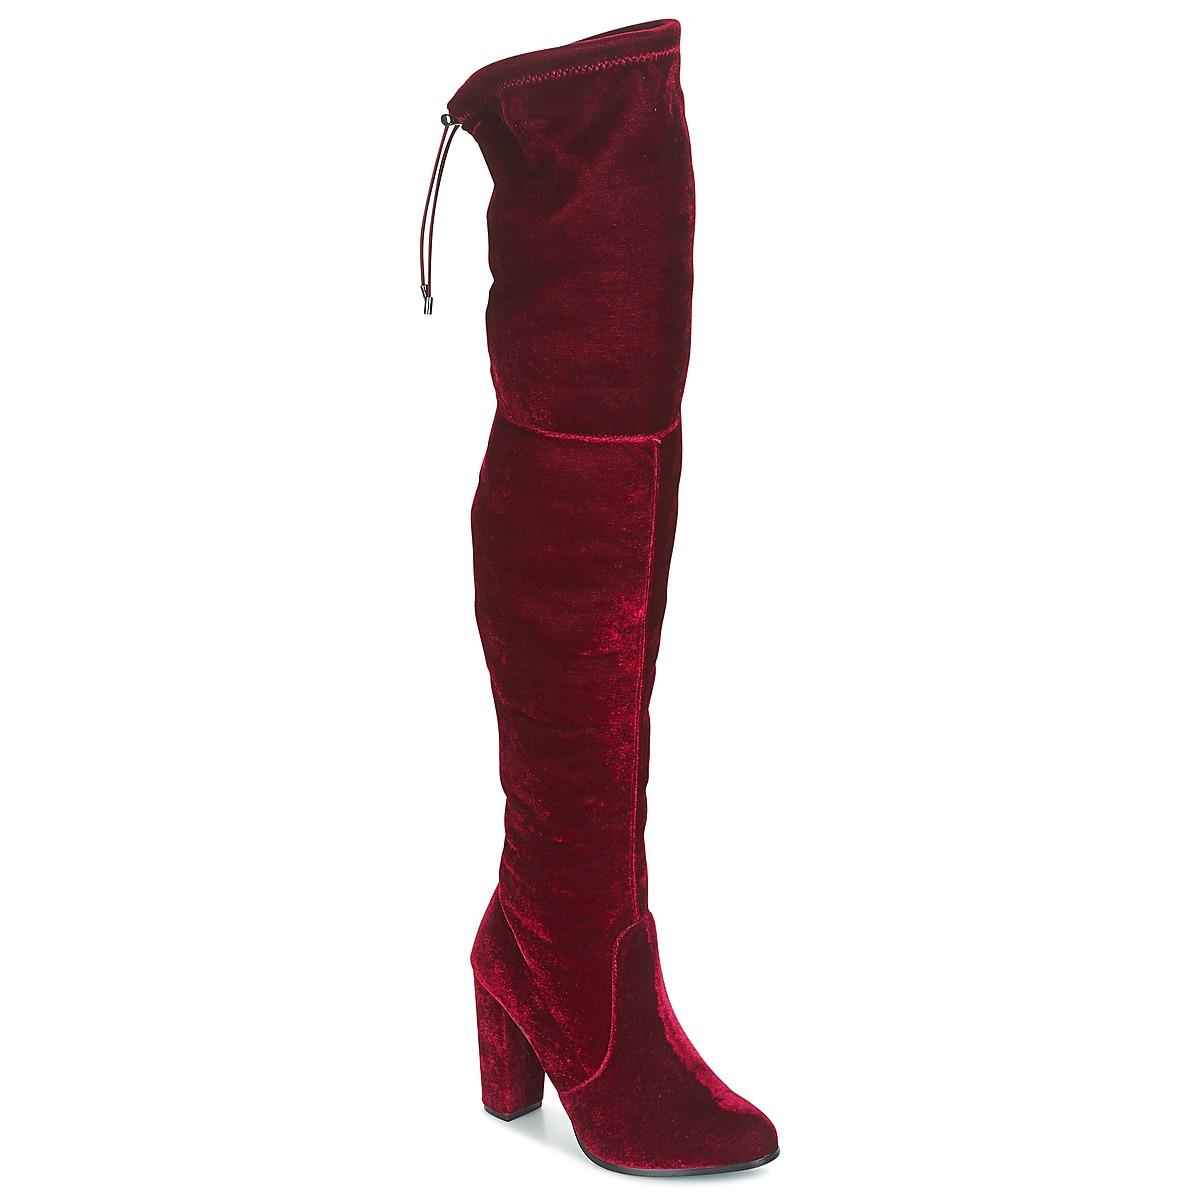 Buffalo  Rot - Kostenloser Versand bei Spartoode ! - Schuhe Kniestiefel Damen 69,90 €